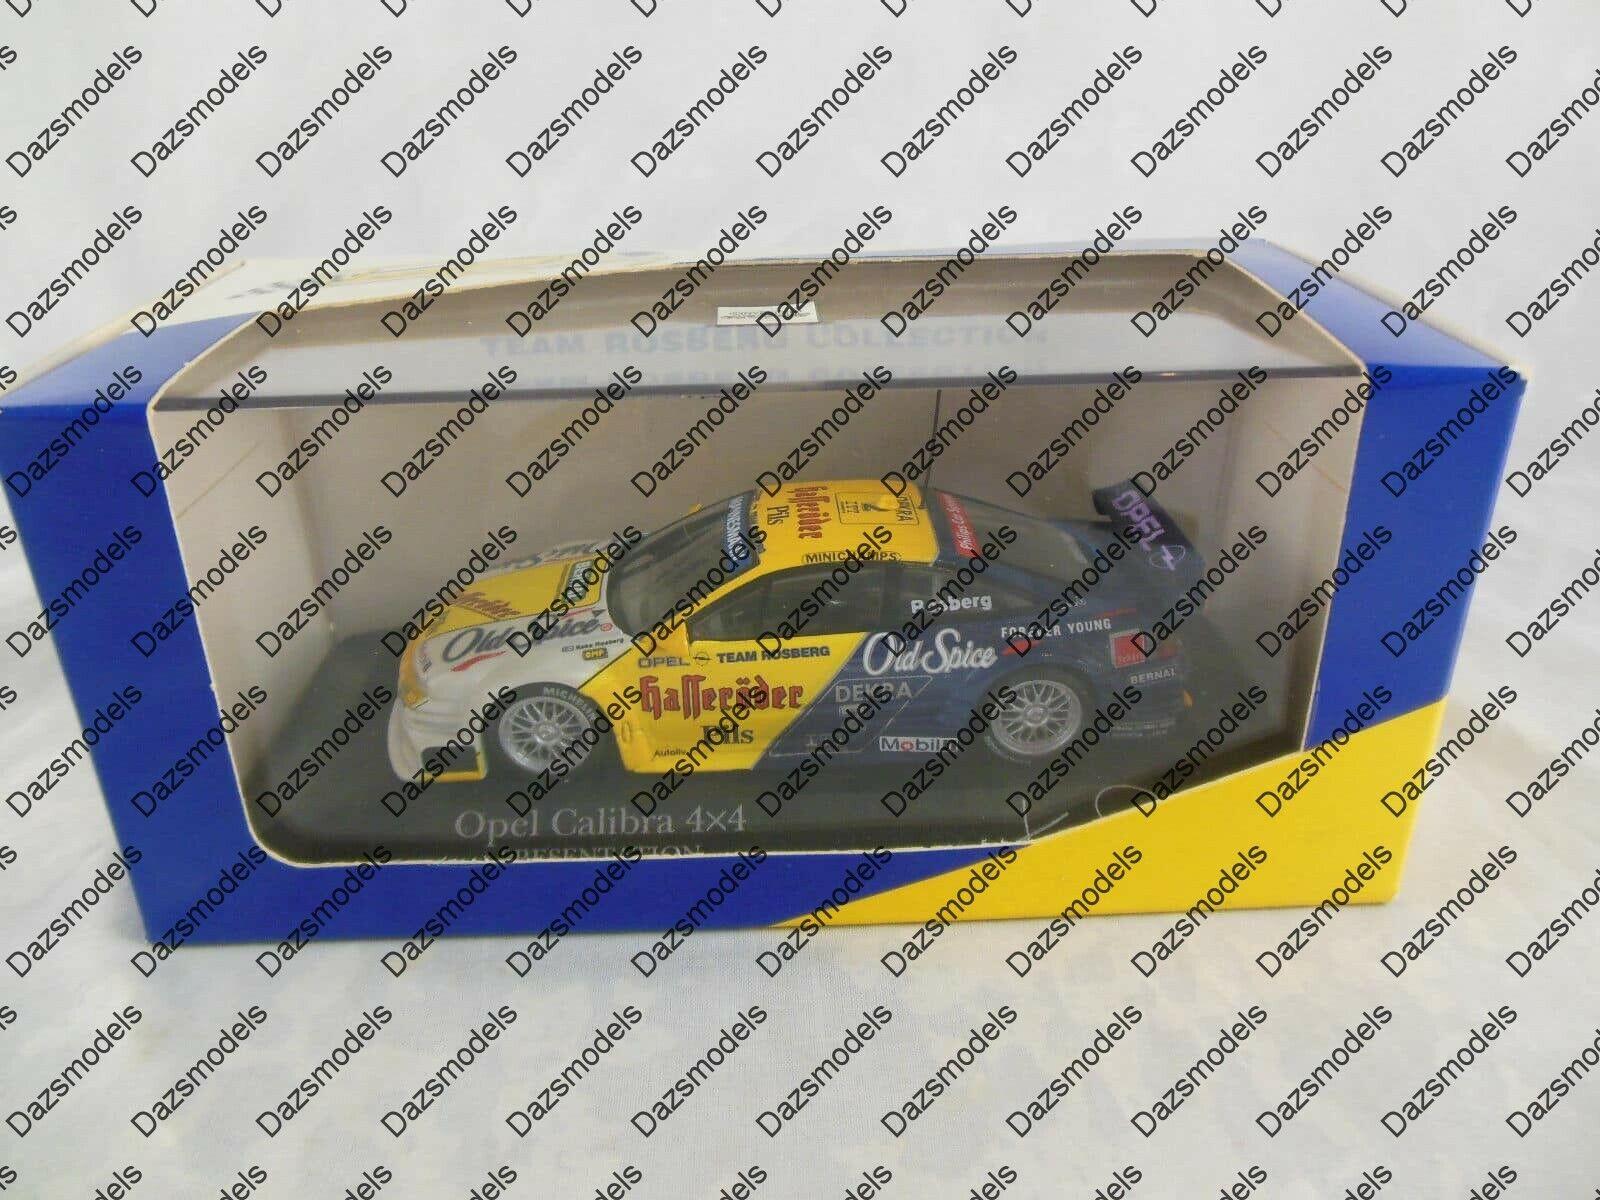 Minichamps Opel Calibra 4x4 Team Rosberg K.Rosberg 430 954192